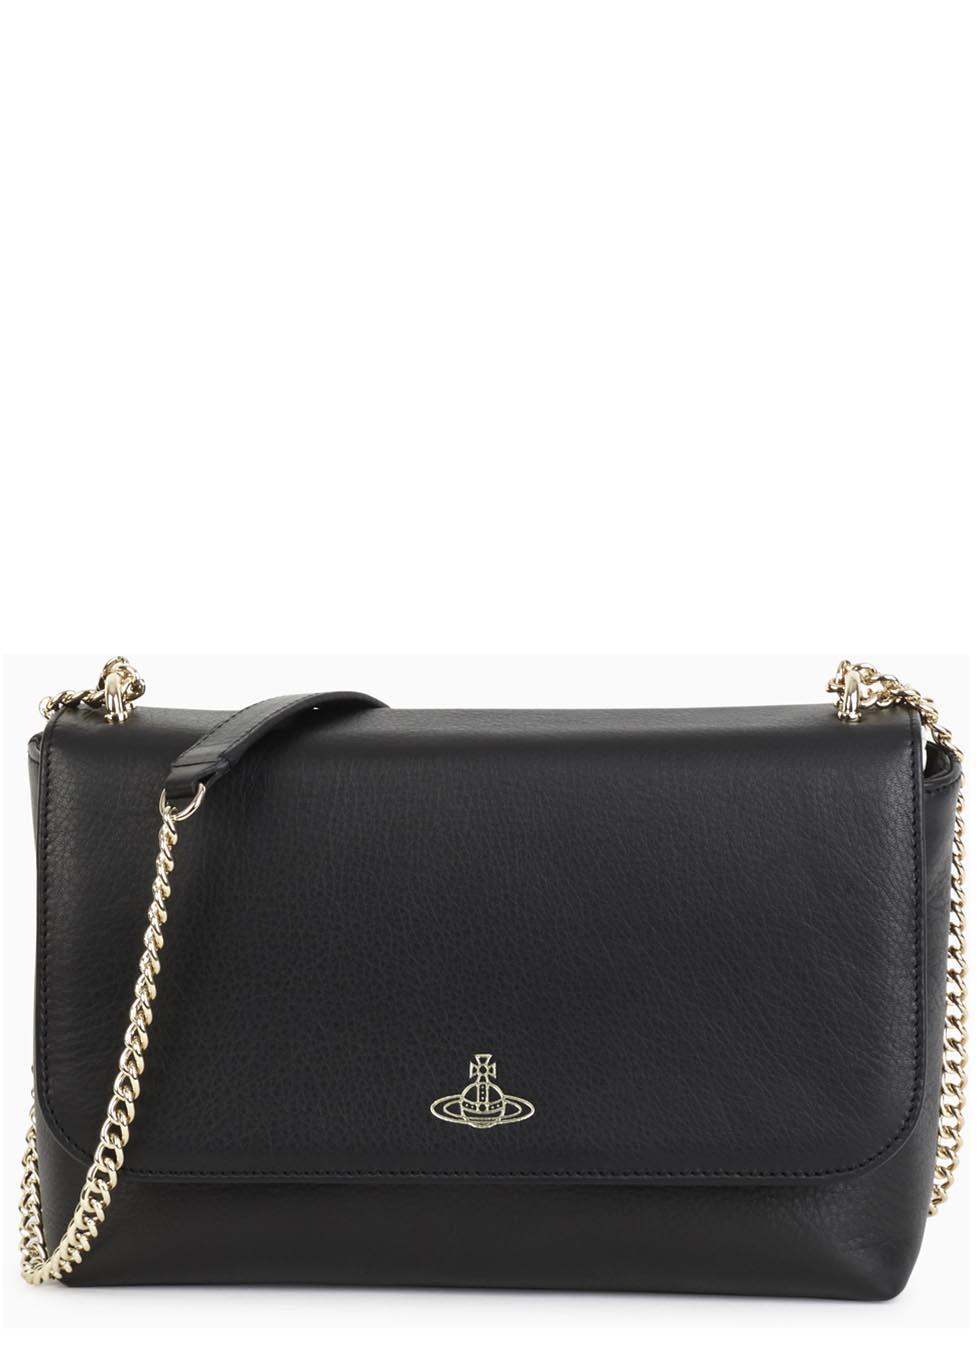 43bf6cbcf4 Vivienne Westwood Spencer Black Leather Shoulder Bag in Black - Lyst